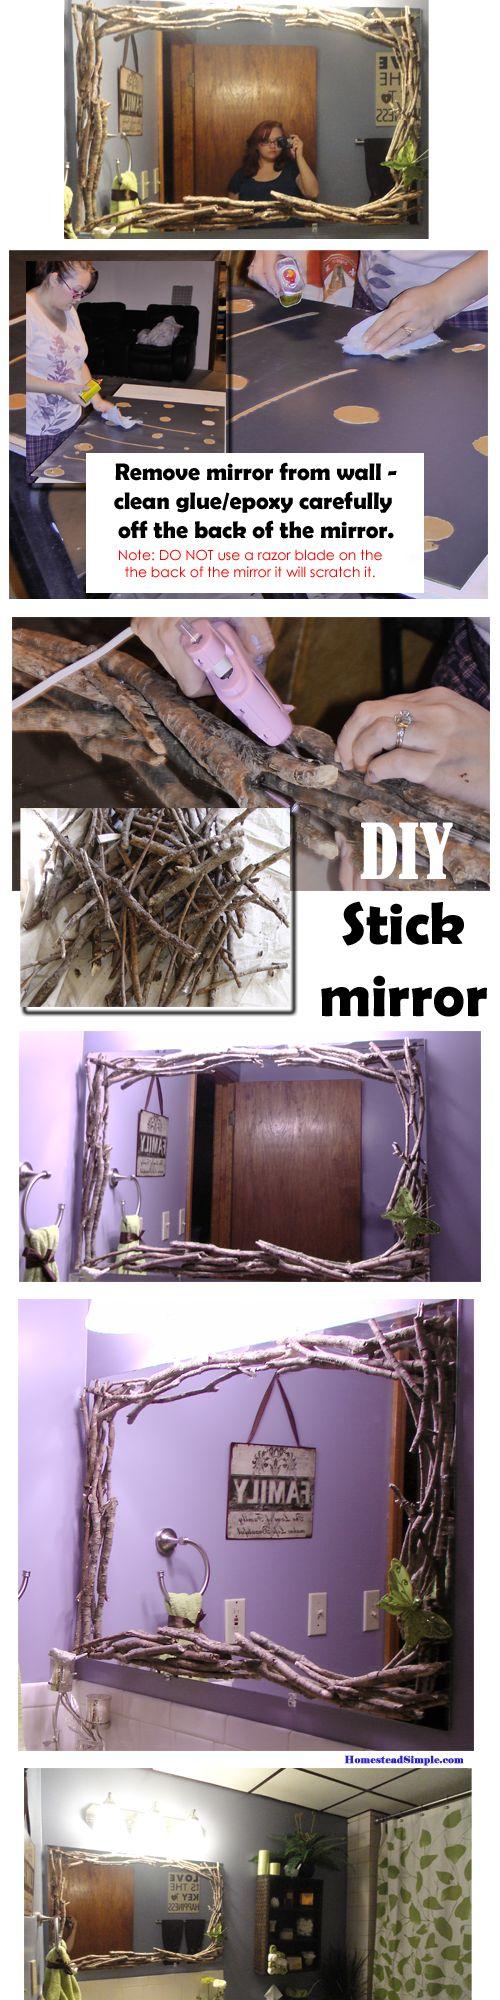 Diy stick twig mirror frame bathroom home decor idk - Stick on frames for bathroom mirrors ...